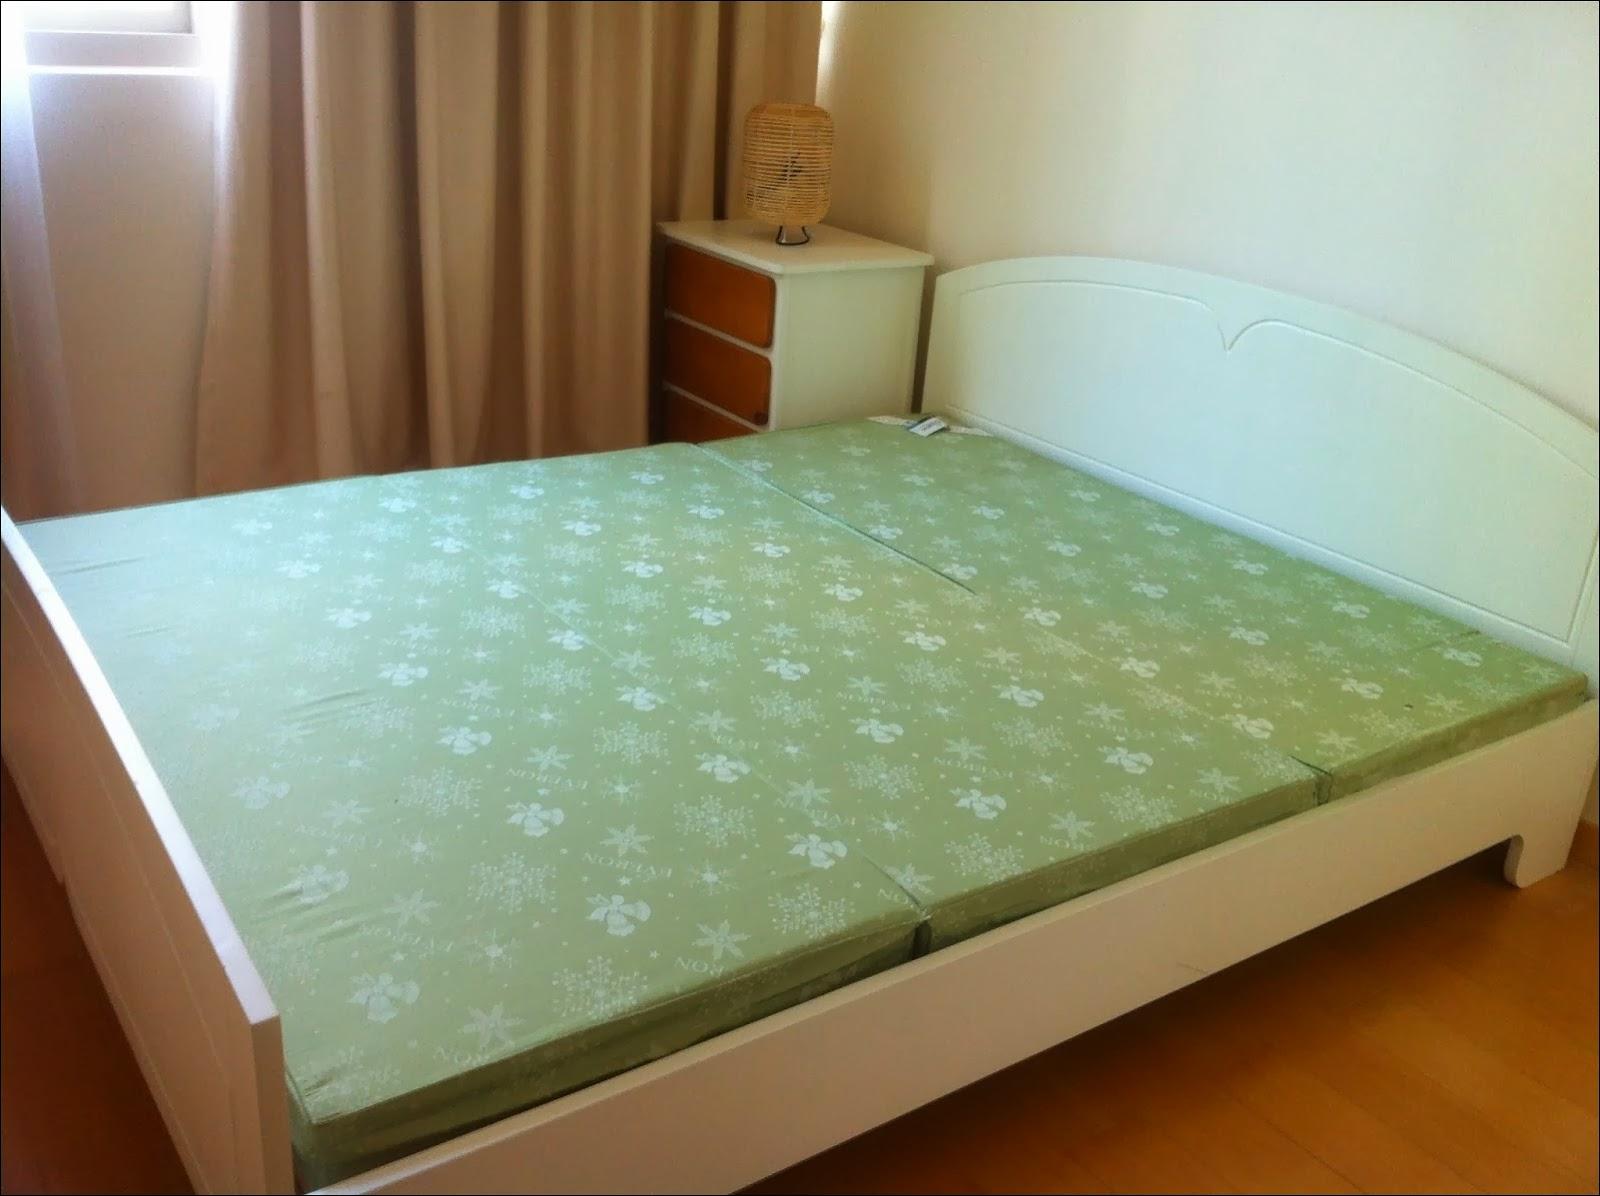 Phòng ngủ  phụ căn hộ The Vista 2 phòng ngủ view hồ bơi